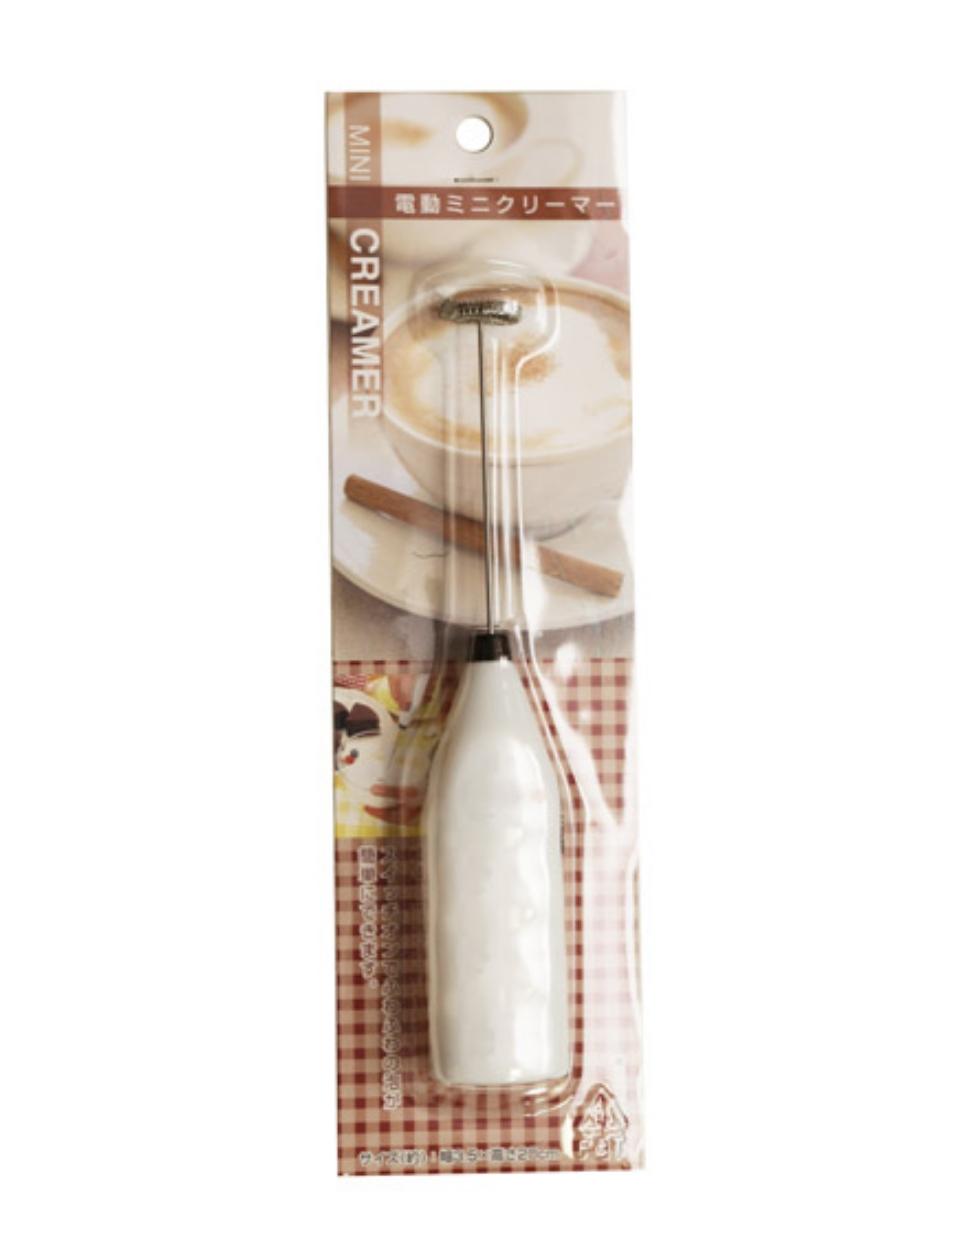 일본 미니 전동 거품기 세제품